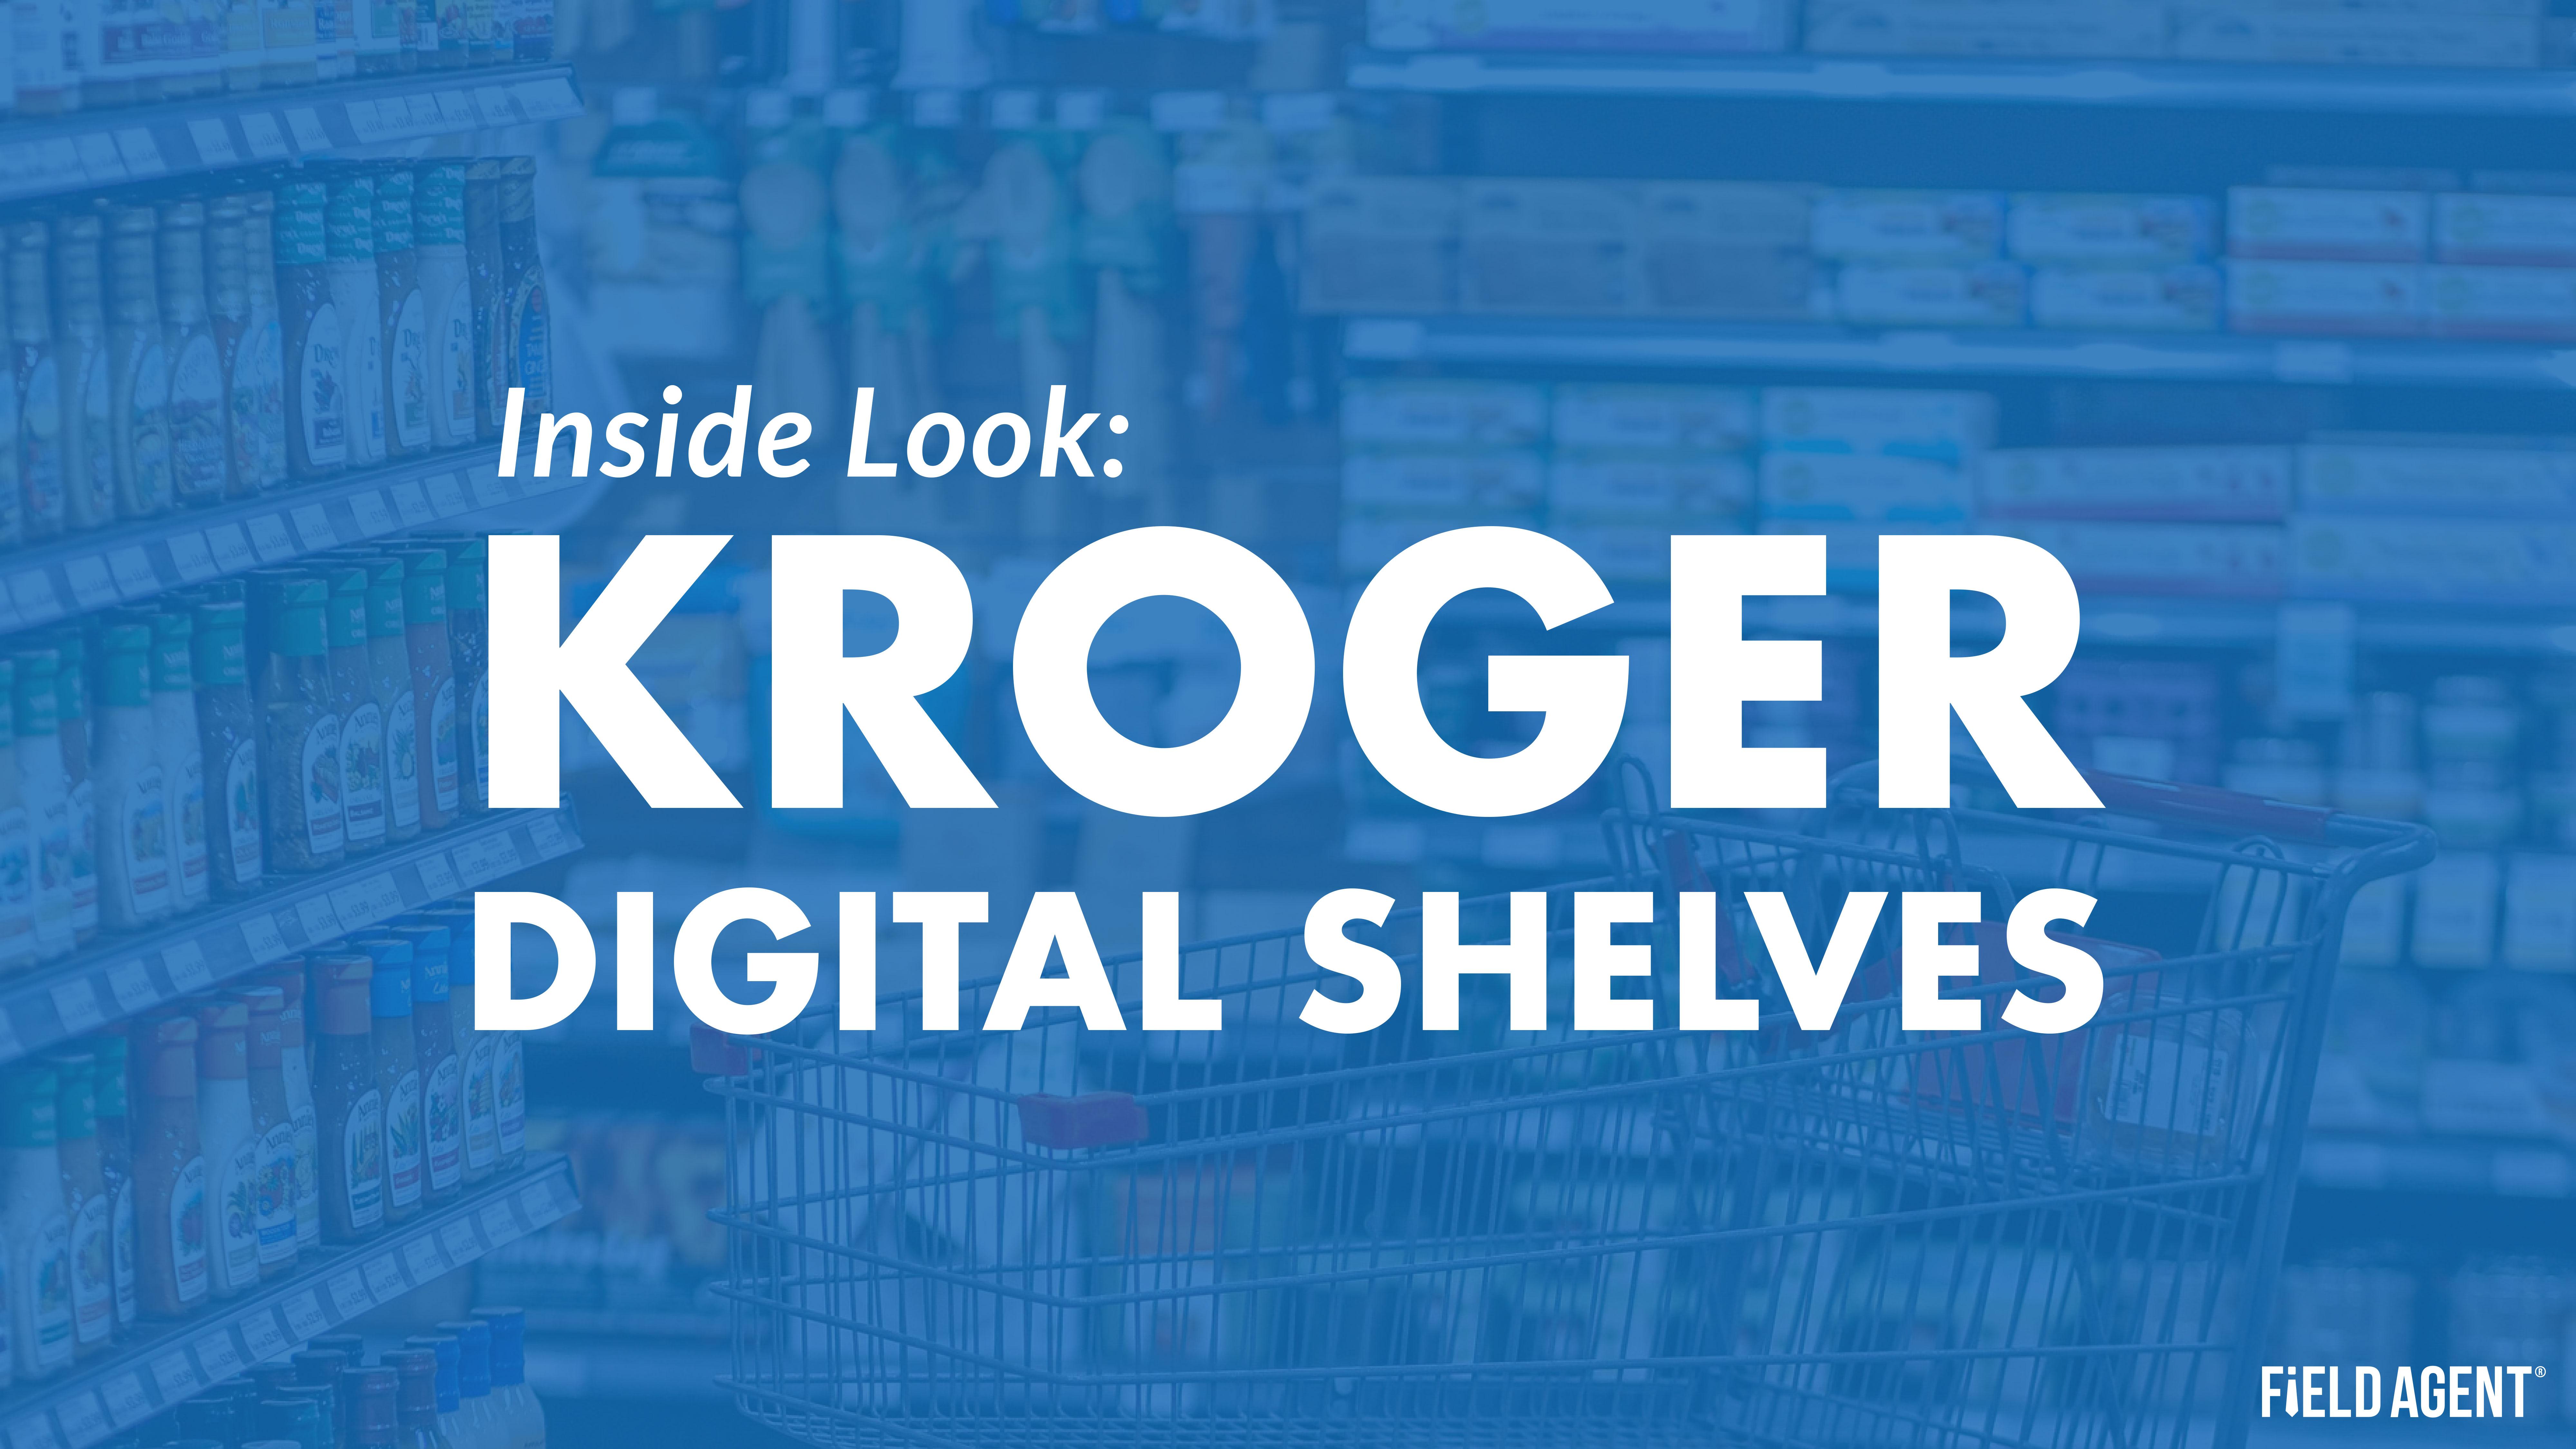 KrogerDigitalShelves_Draft1-b